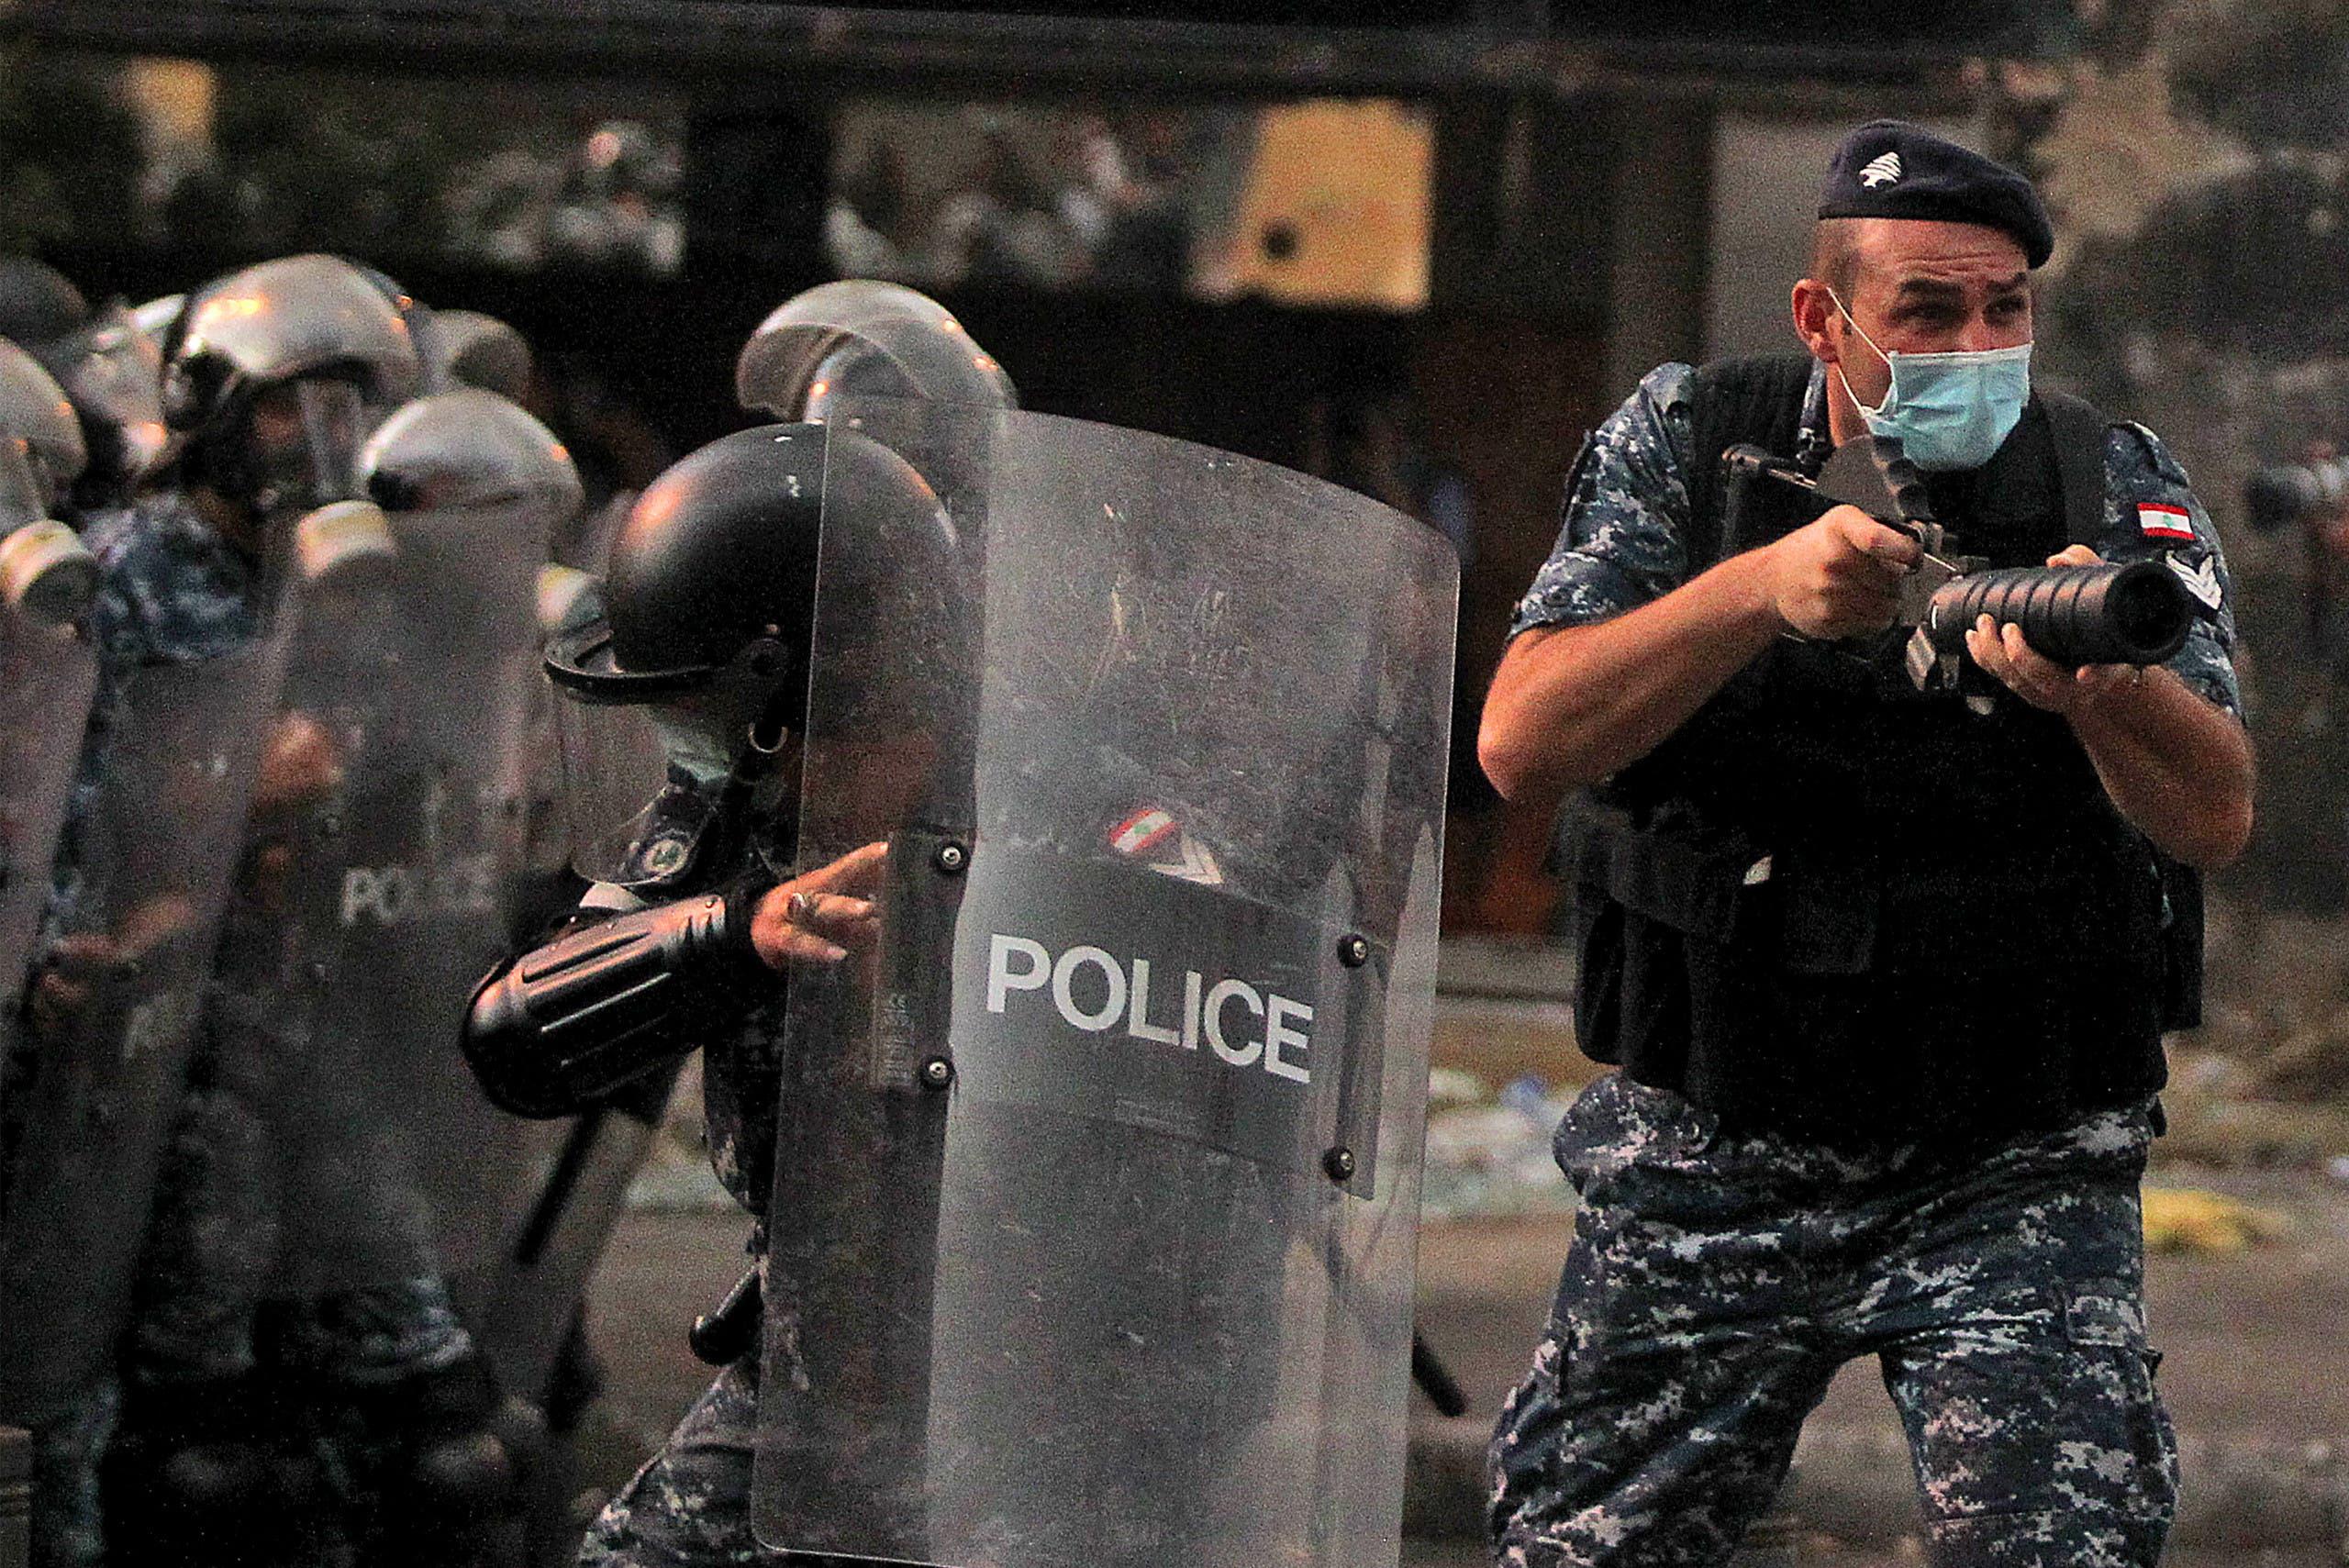 الأمن اللبناني يتصدى لمحتجين في بيروت (أرشيفية)